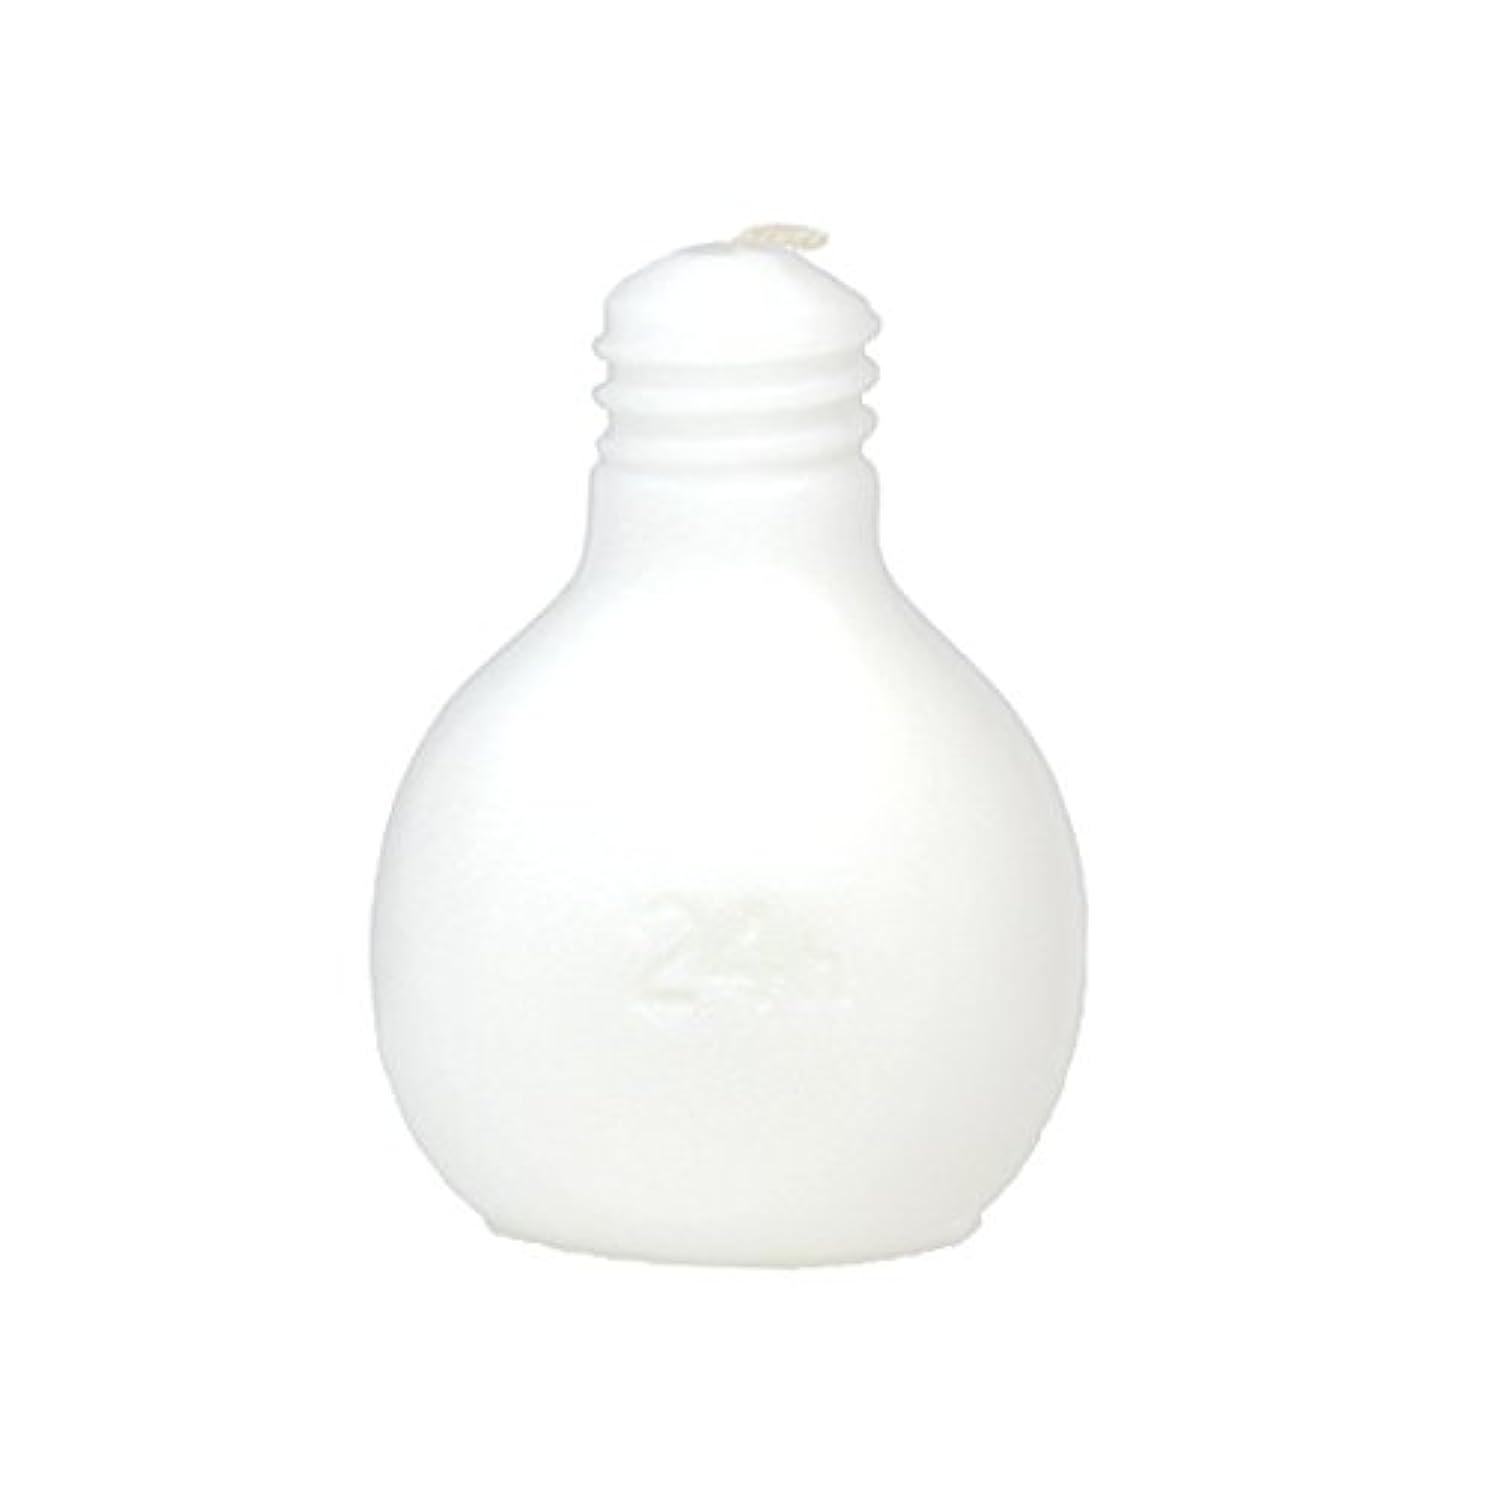 根拠純粋に最初はカメヤマキャンドルハウス 節電球キャンドル  ホワイト